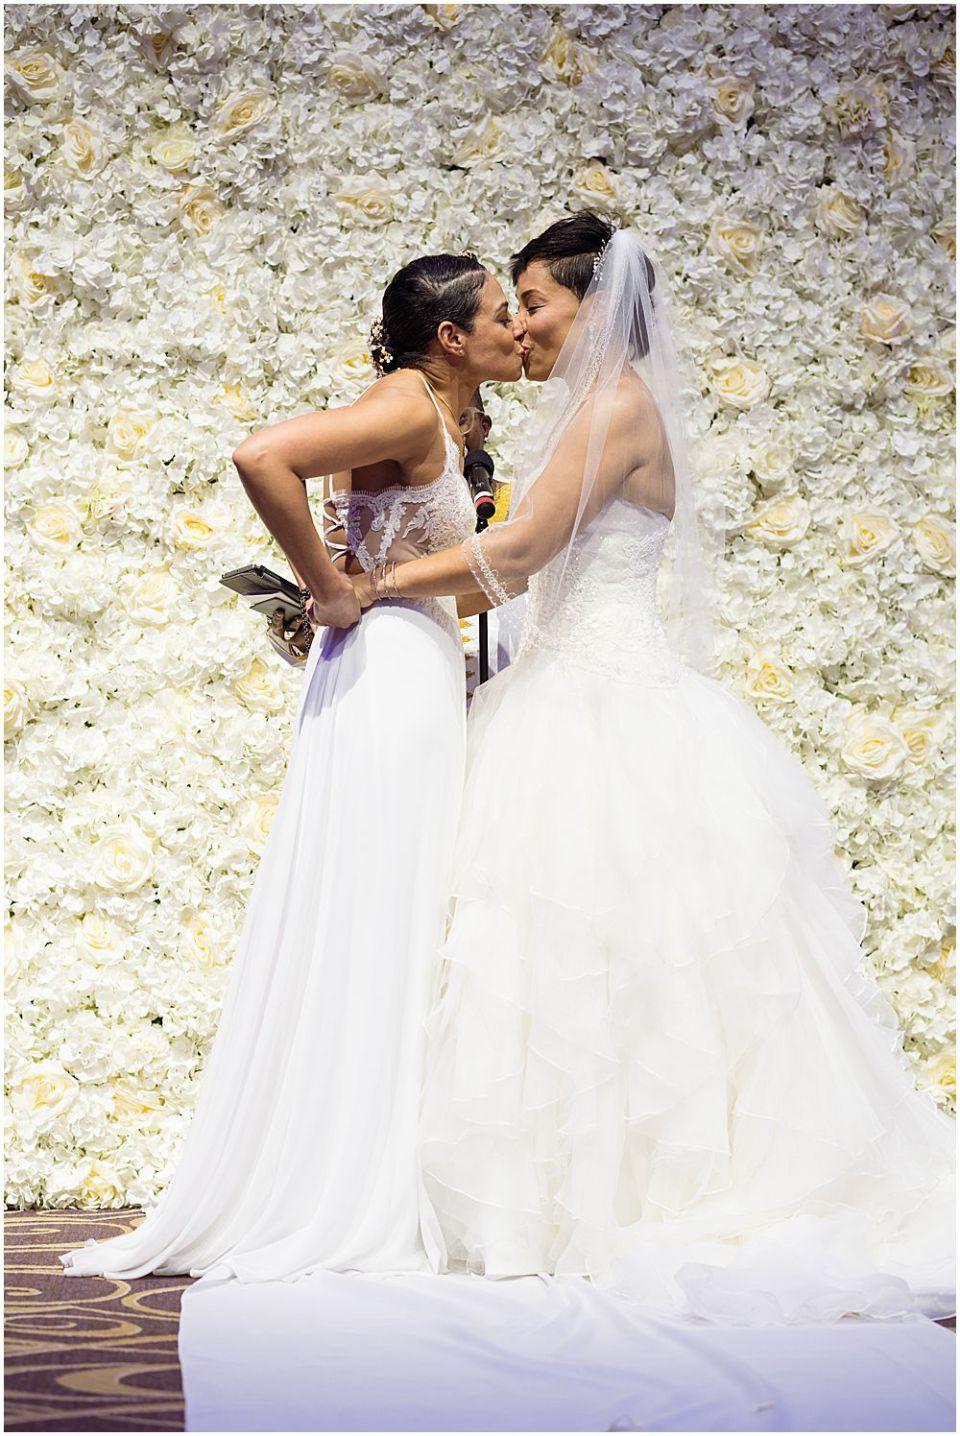 Female Bridals wedding Kiss